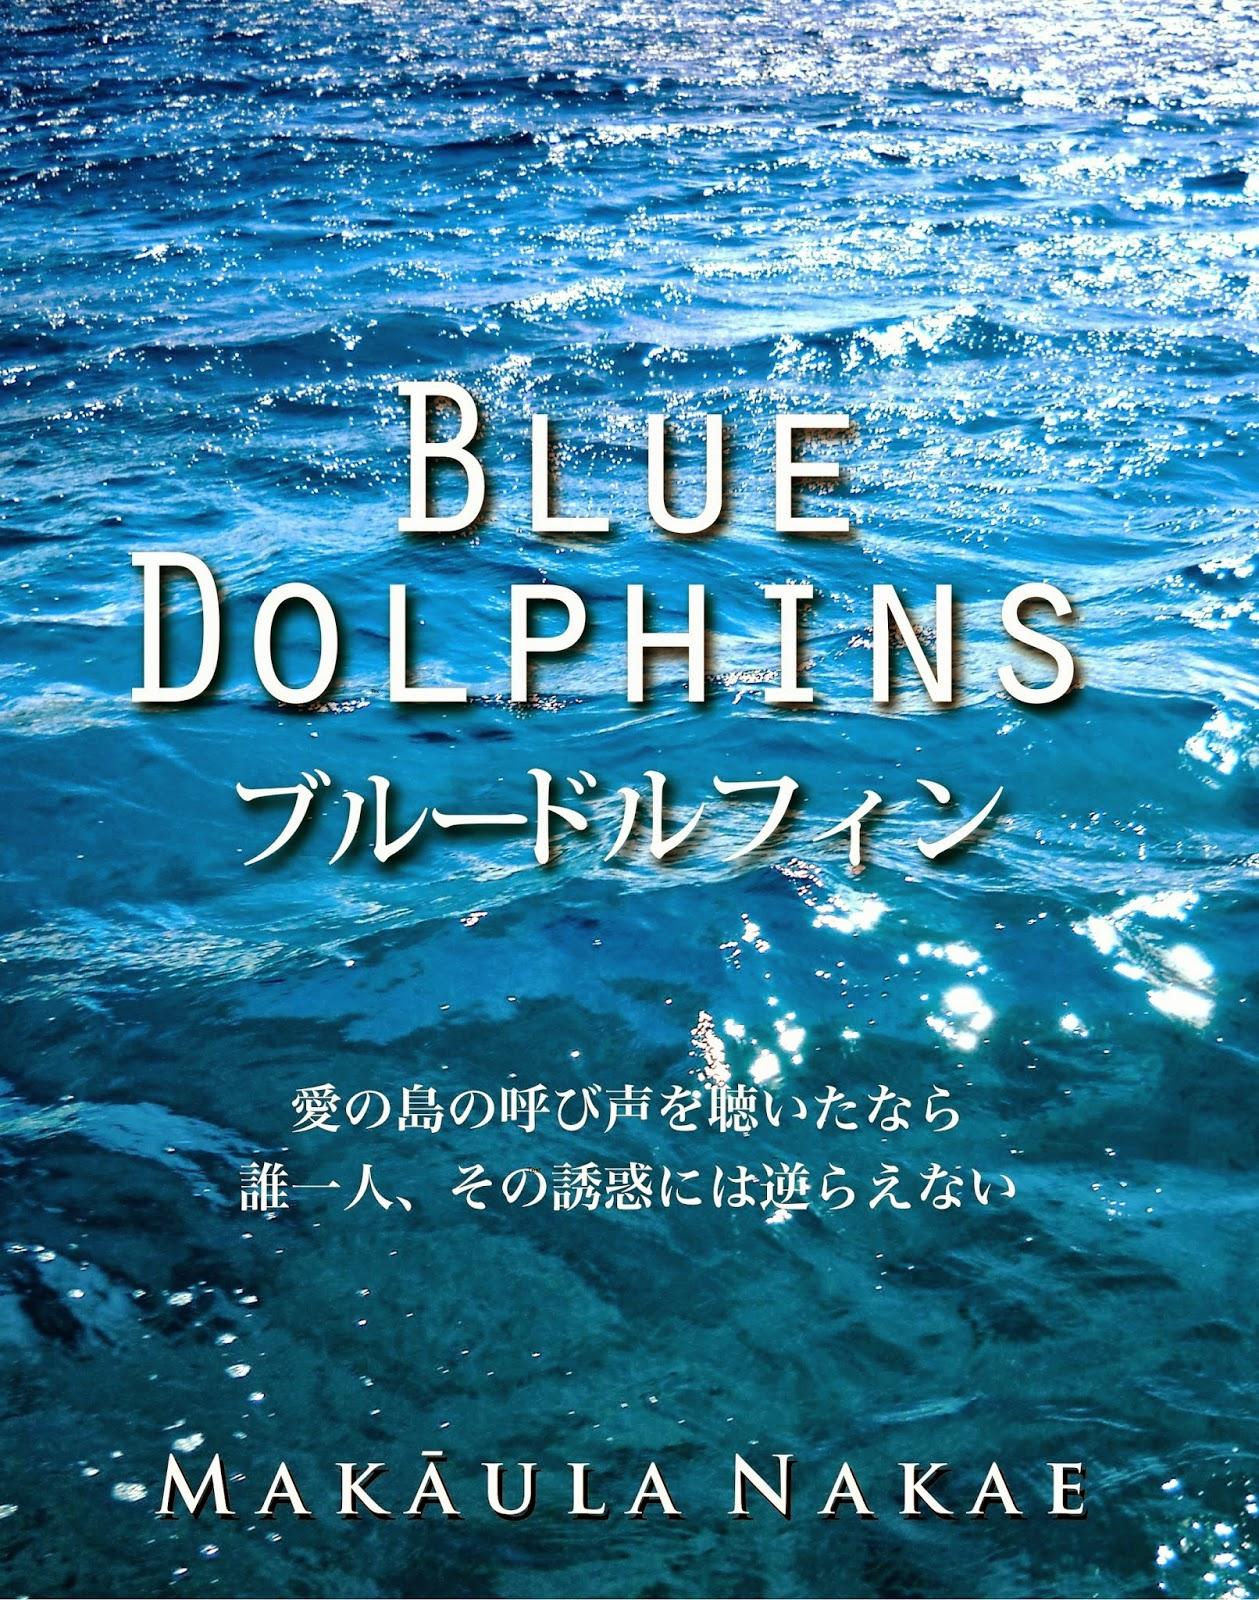 Blue Cover Cookbook : 天空神ホルスの錬金術・黄金ファラオの秘宝 cosmicshift 長編恋愛小説「ブルードルフィン」